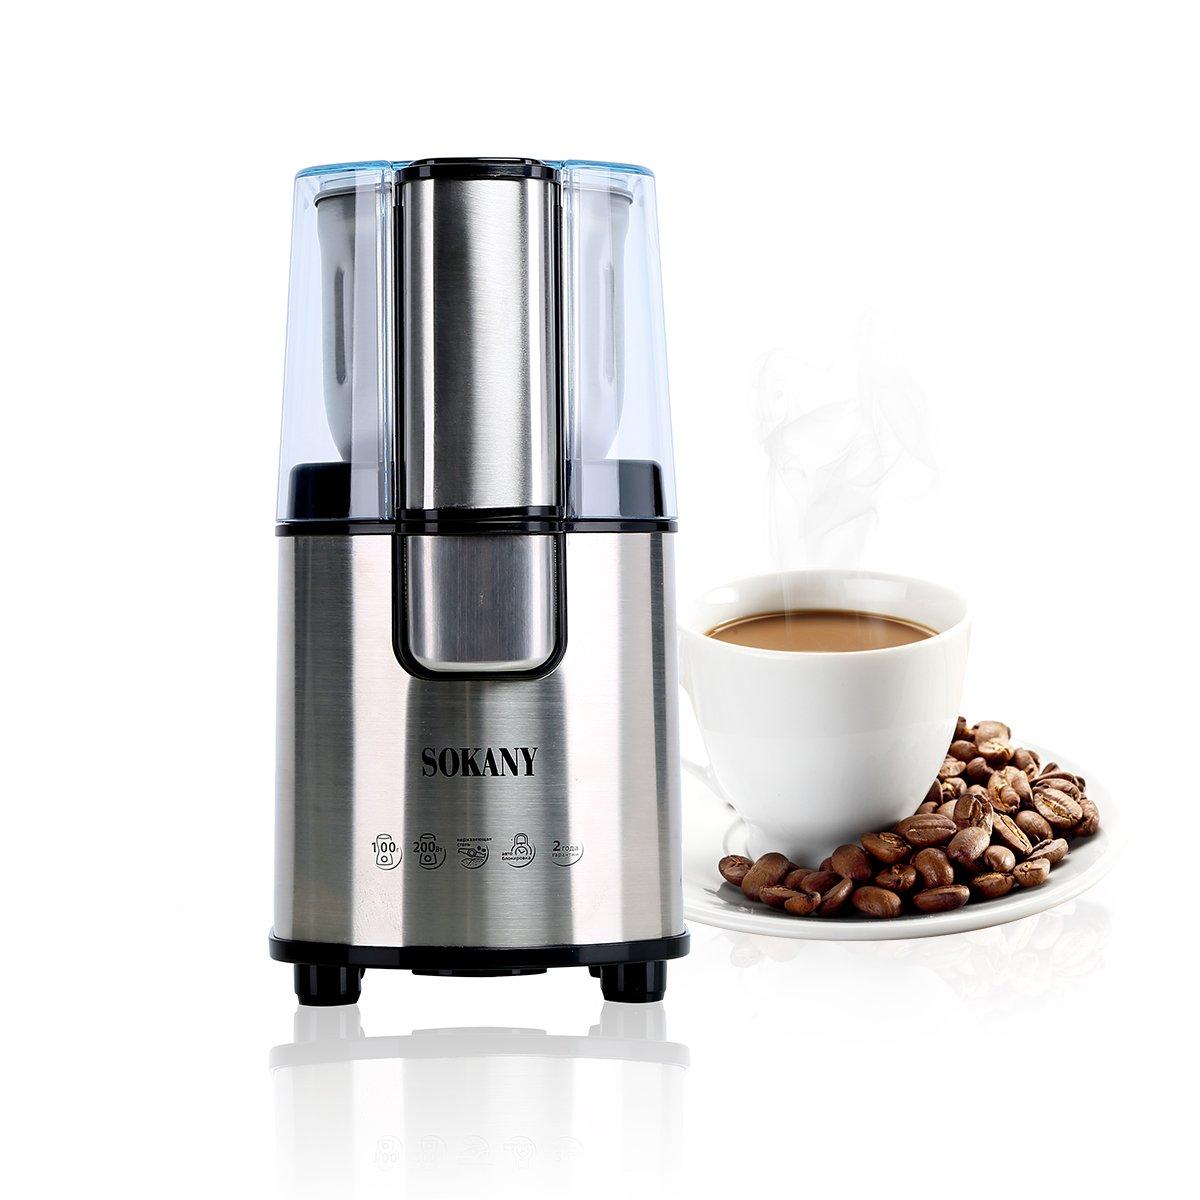 Moulin à café électrique Broyeur À Café pour les Grains, Noix, Poivre, épices, semences de café – Lames En Acier Inoxydable – Moteur Puissant 200W SM - 3020S sumuya